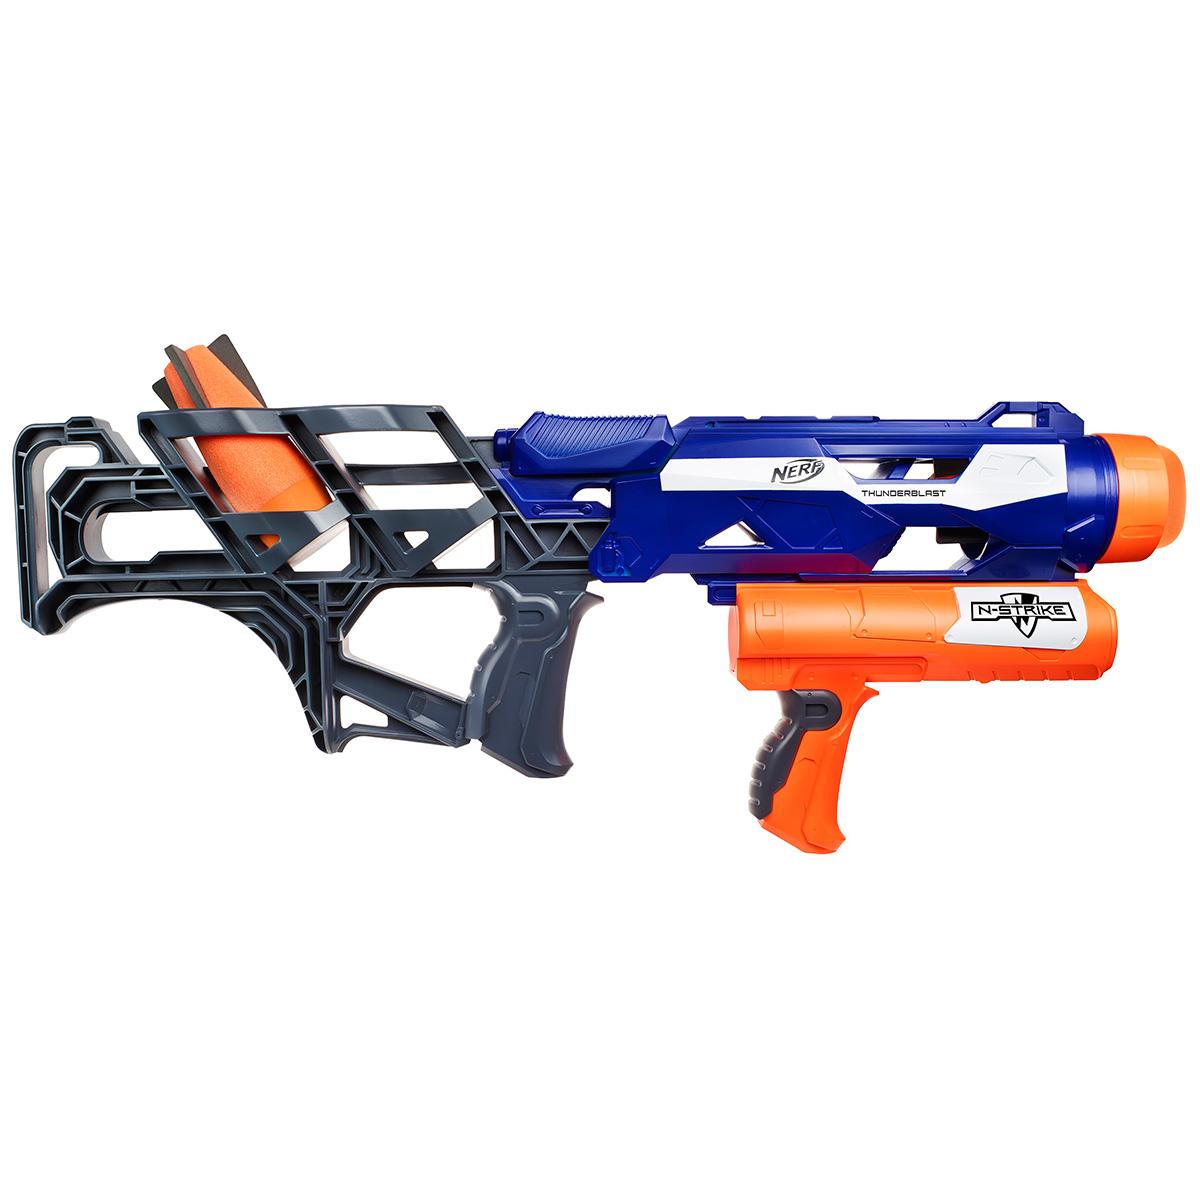 Бластер Nerf Ракетница, цвет: синий, оранжевыйA9604EU4Бластер Nerf «Ракетница» - это мощнейшее оружие, которое даст своему владельцу однозначное преимущество в игре! Оружие стреляет не обычными патронами, а особой формы, утолщенными ракетами. Поэтому бластер и называется «ракетницей». При этом игрушечное оружие имеет удобный корпус эргономичной формы. Его комфортно держать во время стрельбы и перемещения, бластер достаточно легкий и не слишком громоздкий. Игра с «Ракетницей» диктует совершенно иной стиль и другую стратегию стрельбы. Если вы уже хорошо владеете обычными бластерами, то Thunderblast сможет открыть для вас совершенно новые горизонты. В комплекте помимо бластера есть два снаряда-ракеты. Дальность стрельбы: до 18 м.